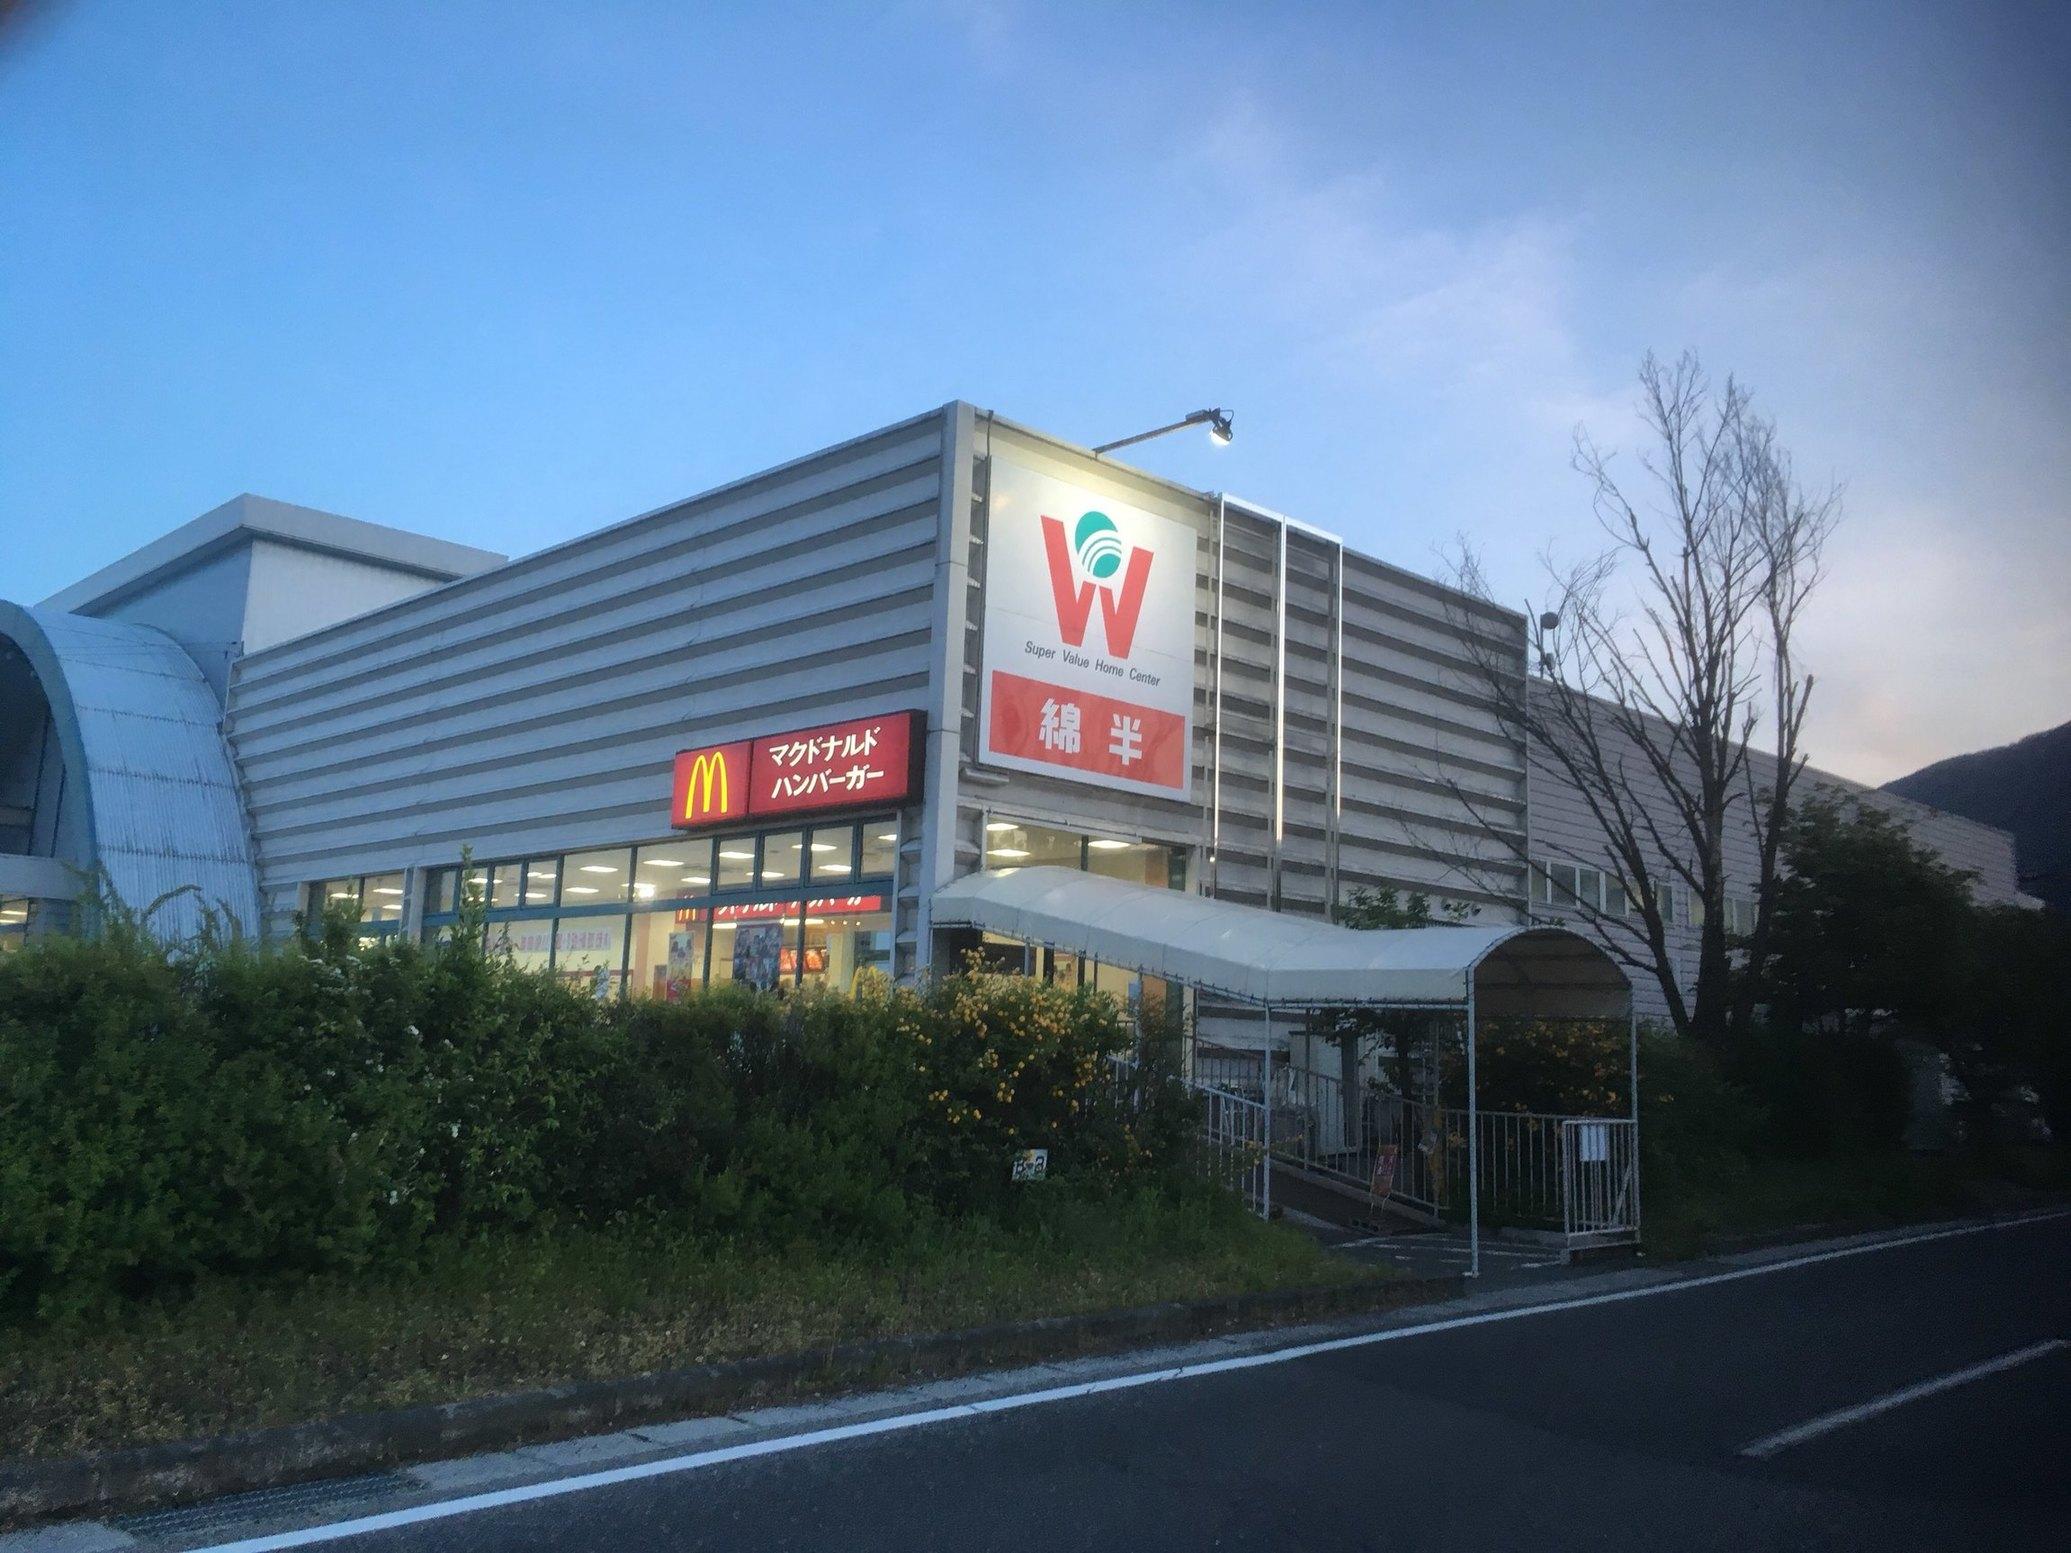 マクドナルド ザ・ビッグ穂高店 name=